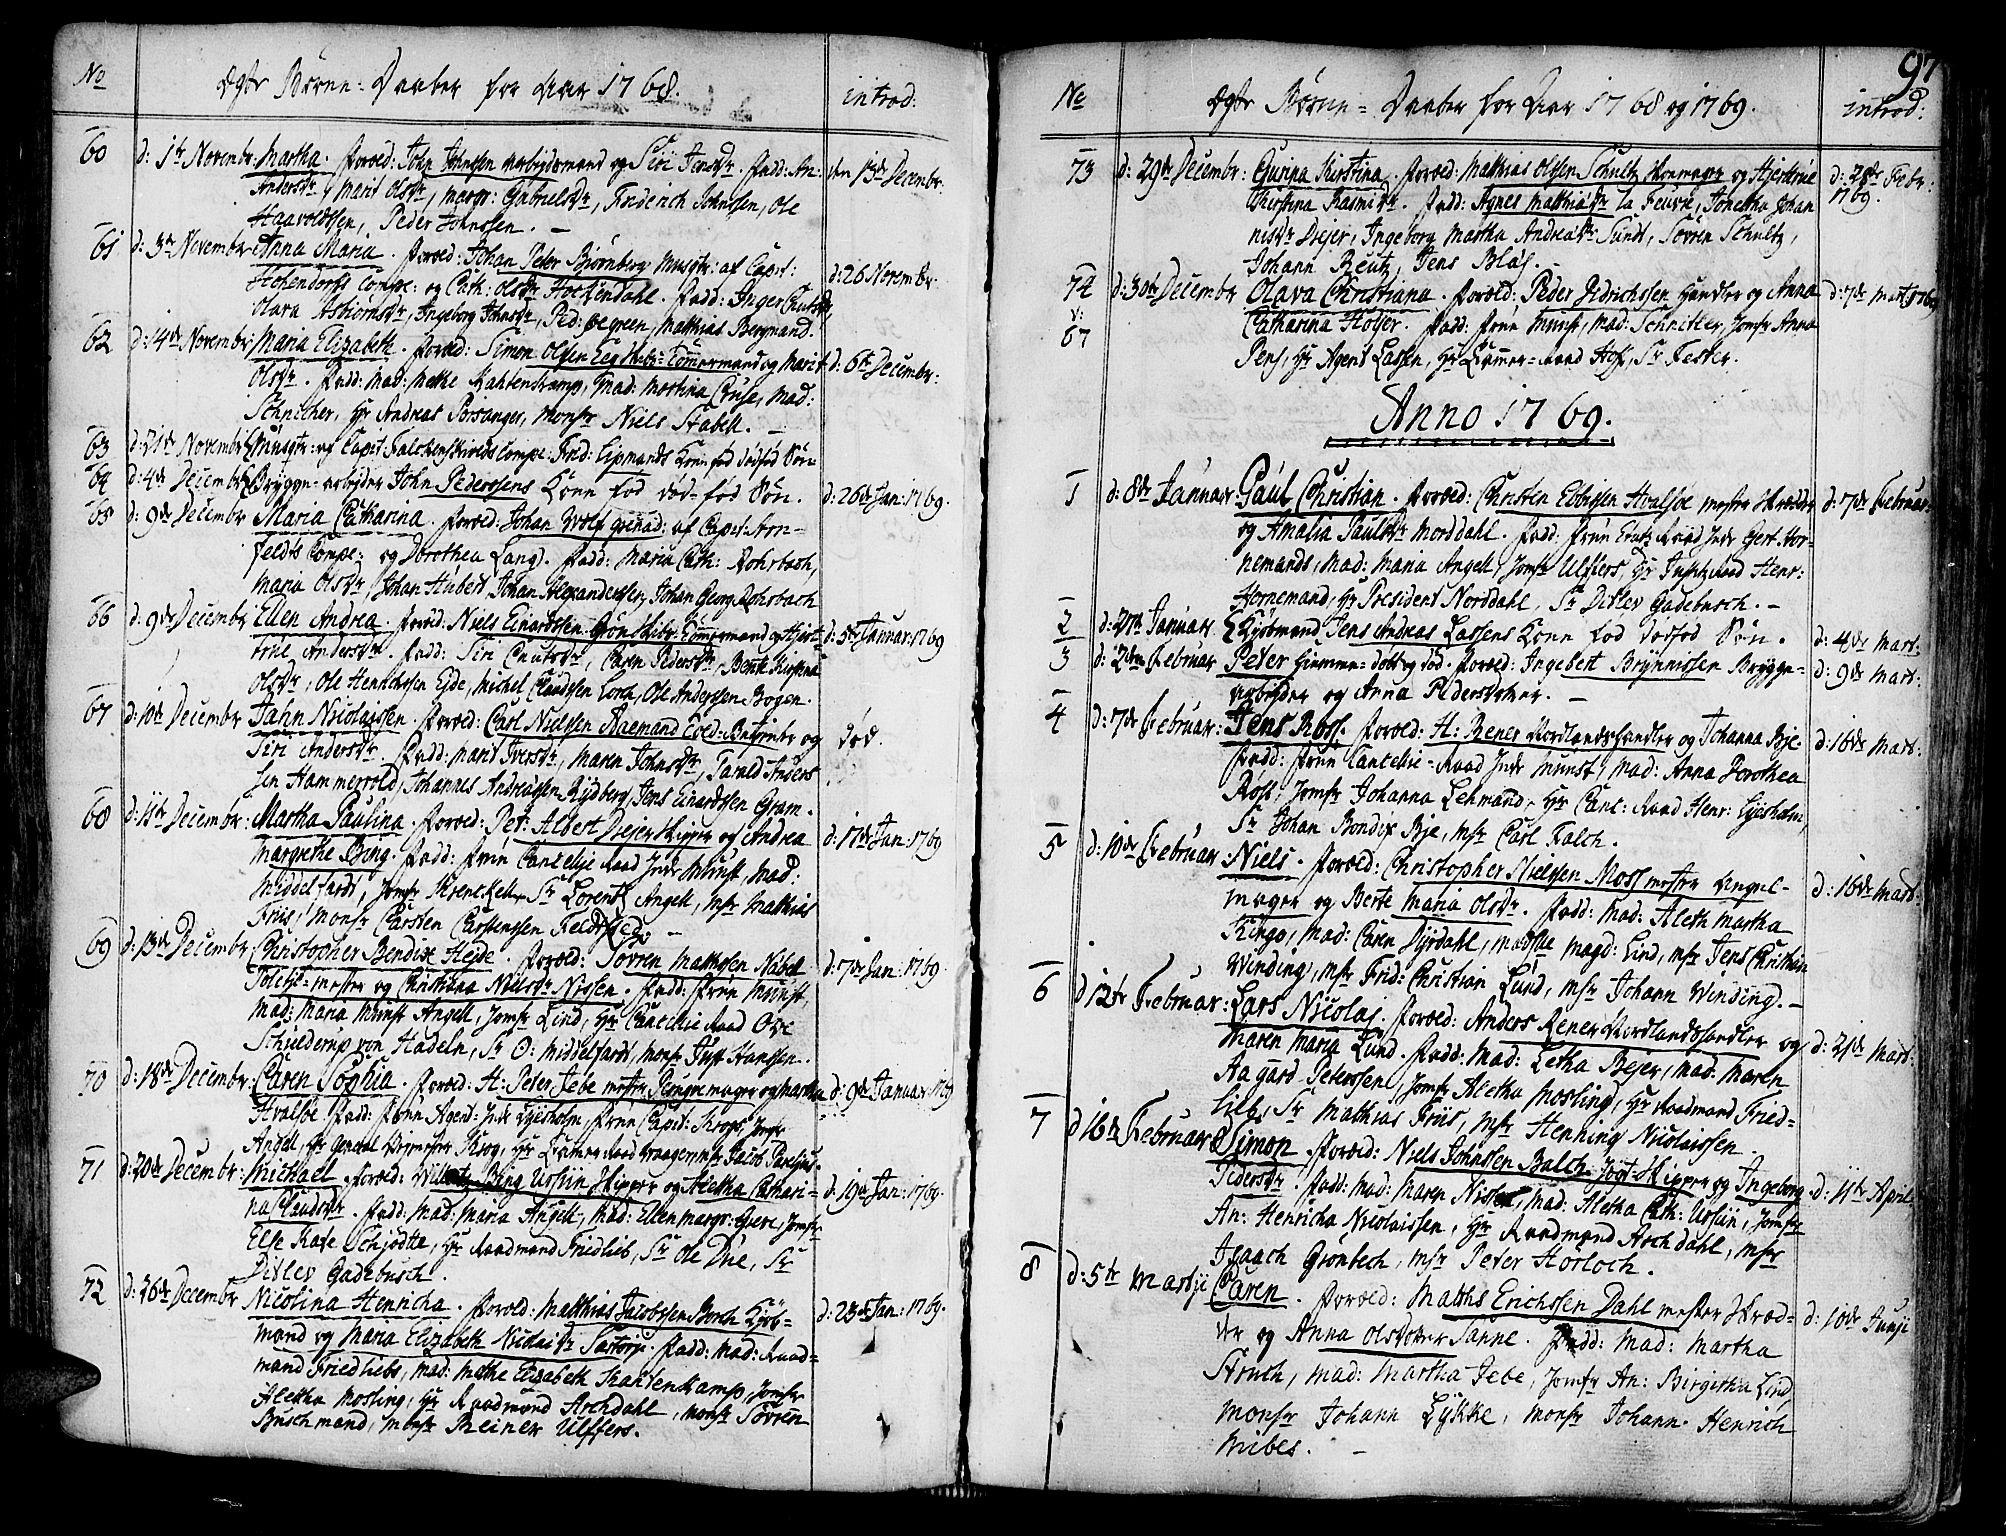 SAT, Ministerialprotokoller, klokkerbøker og fødselsregistre - Sør-Trøndelag, 602/L0103: Ministerialbok nr. 602A01, 1732-1774, s. 97